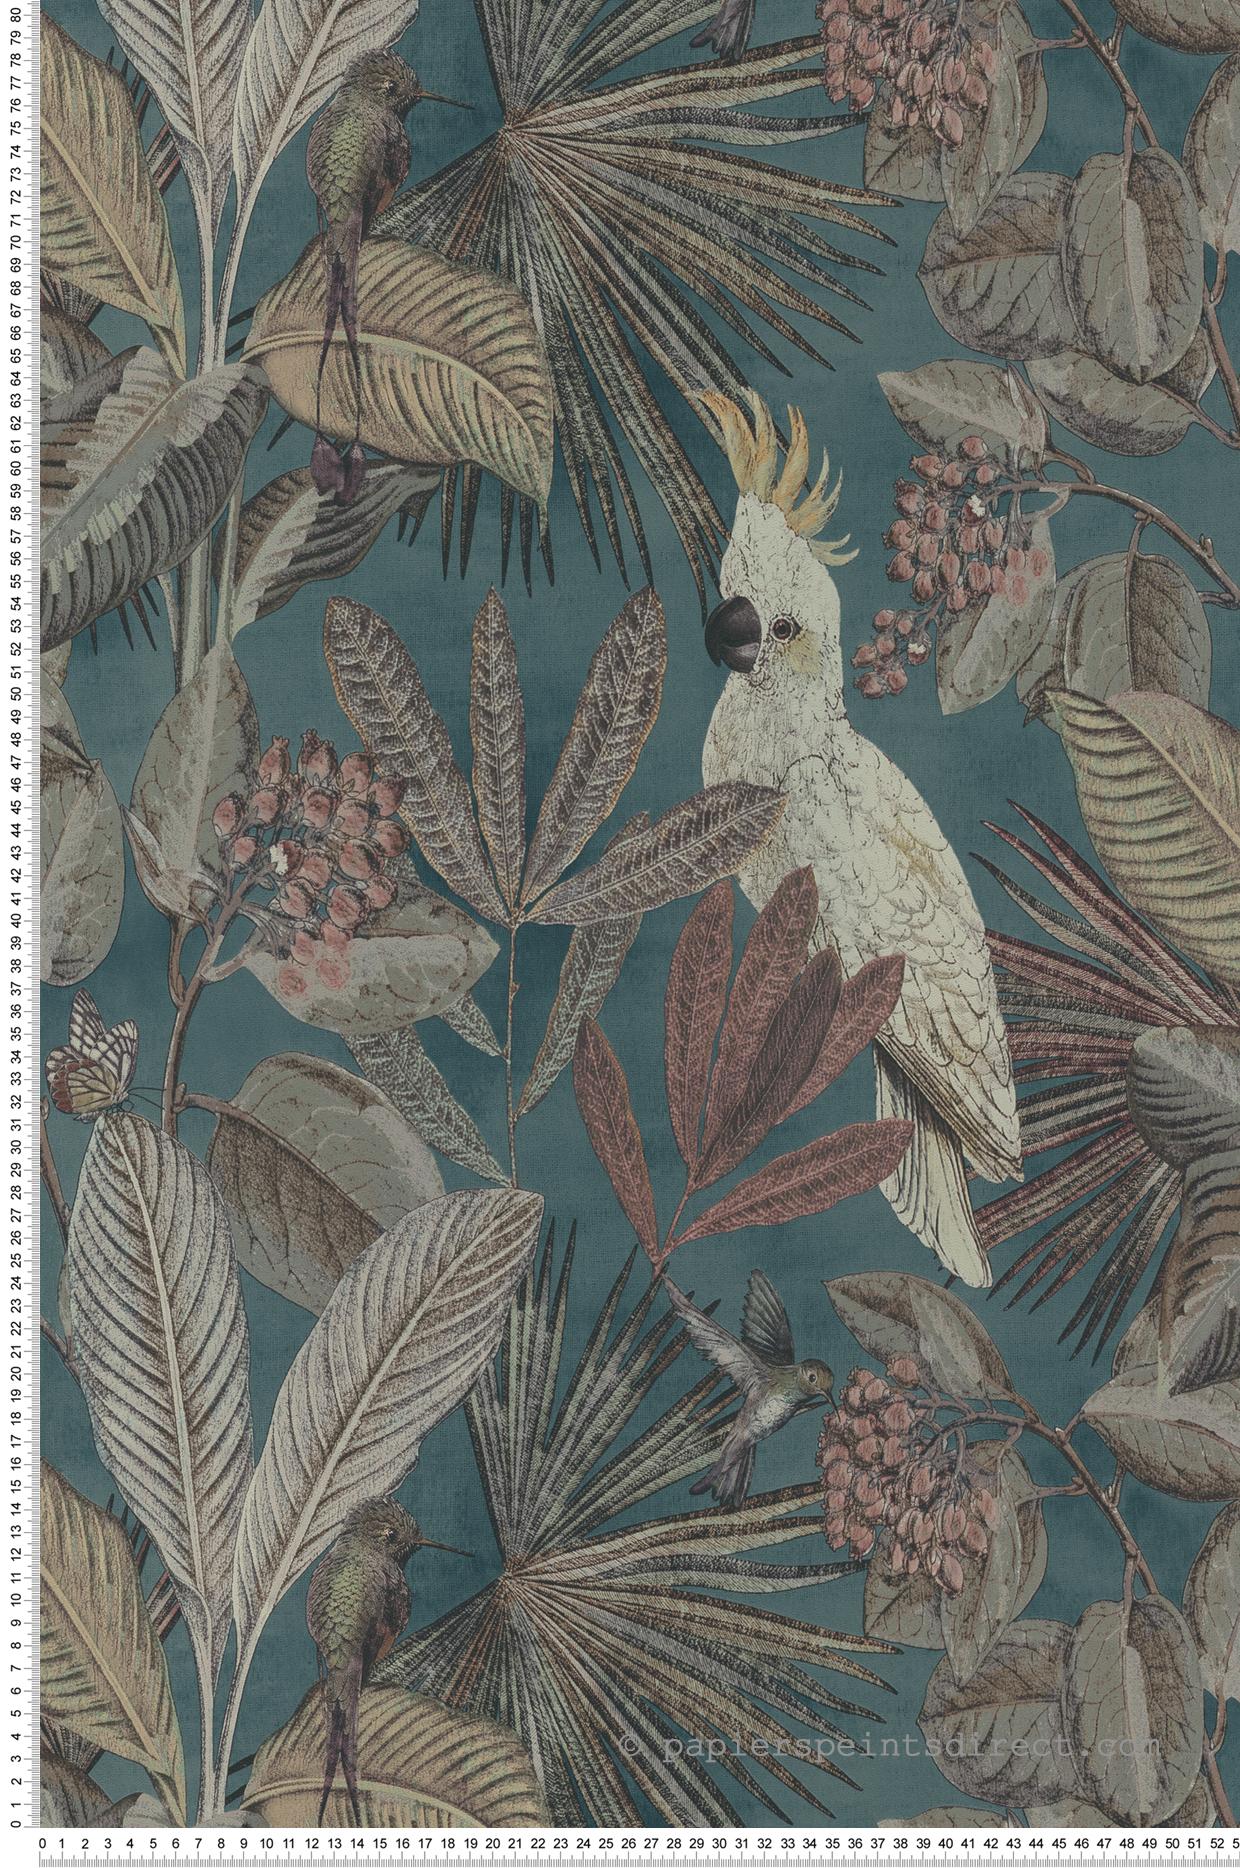 Papier Peint Avec Perroquet papier peint oiseaux tropicaux canard - savana de lutèce